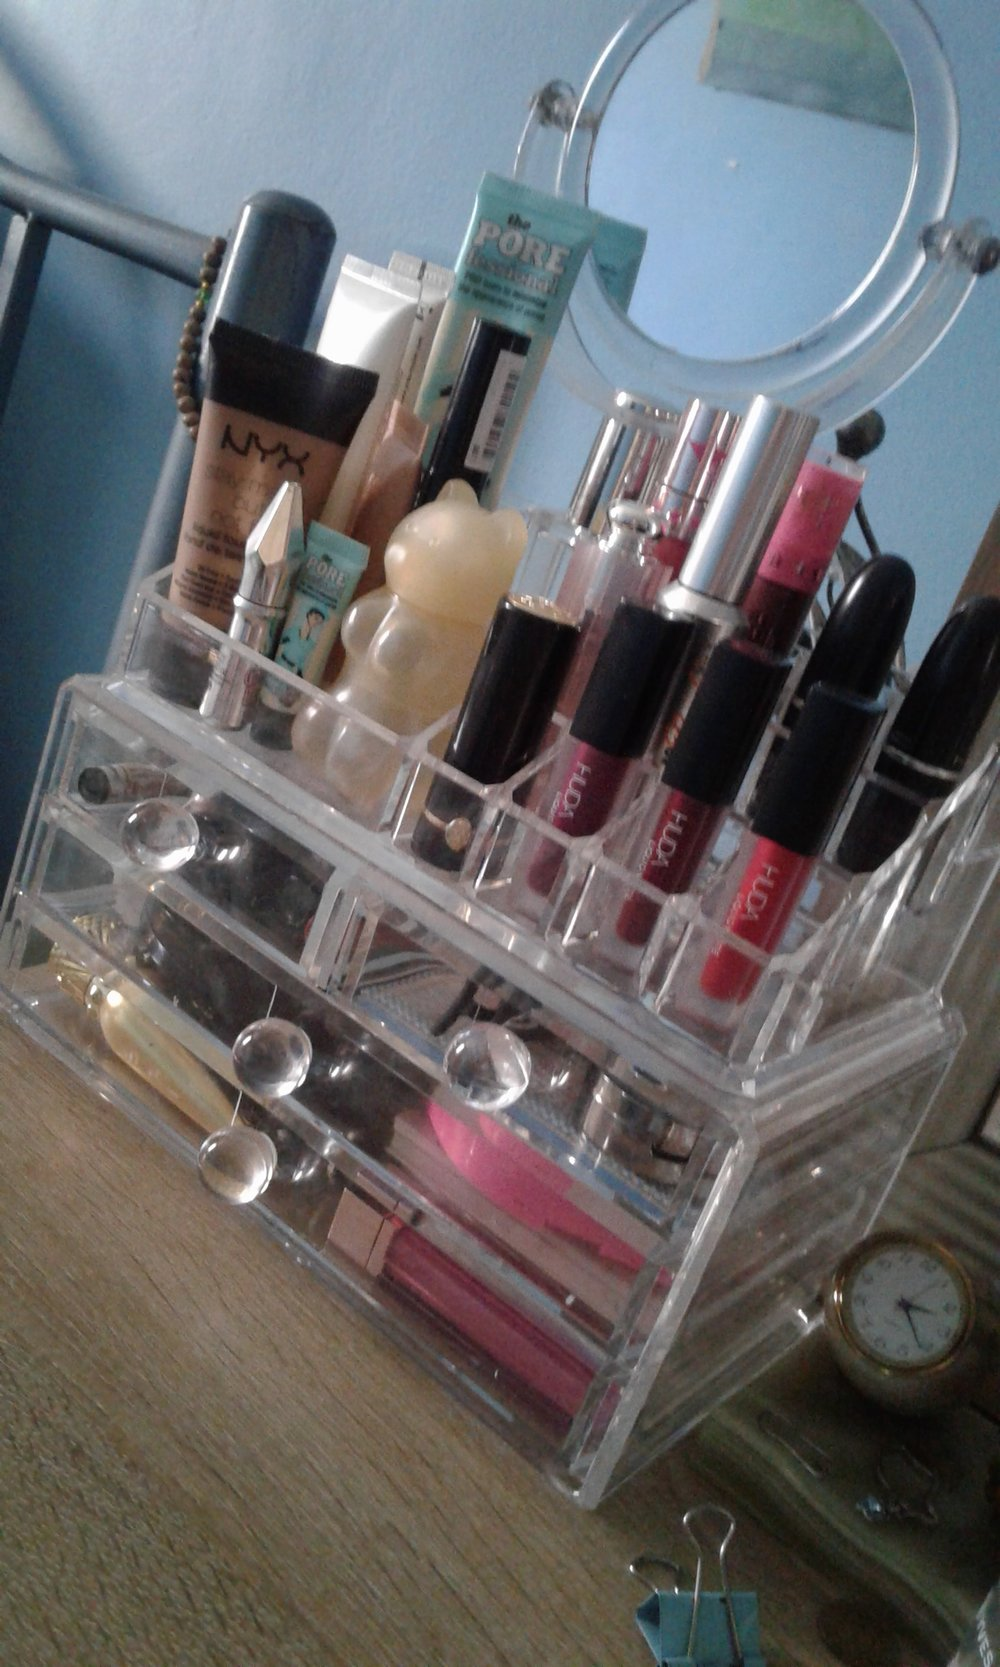 makeup setup.jpg